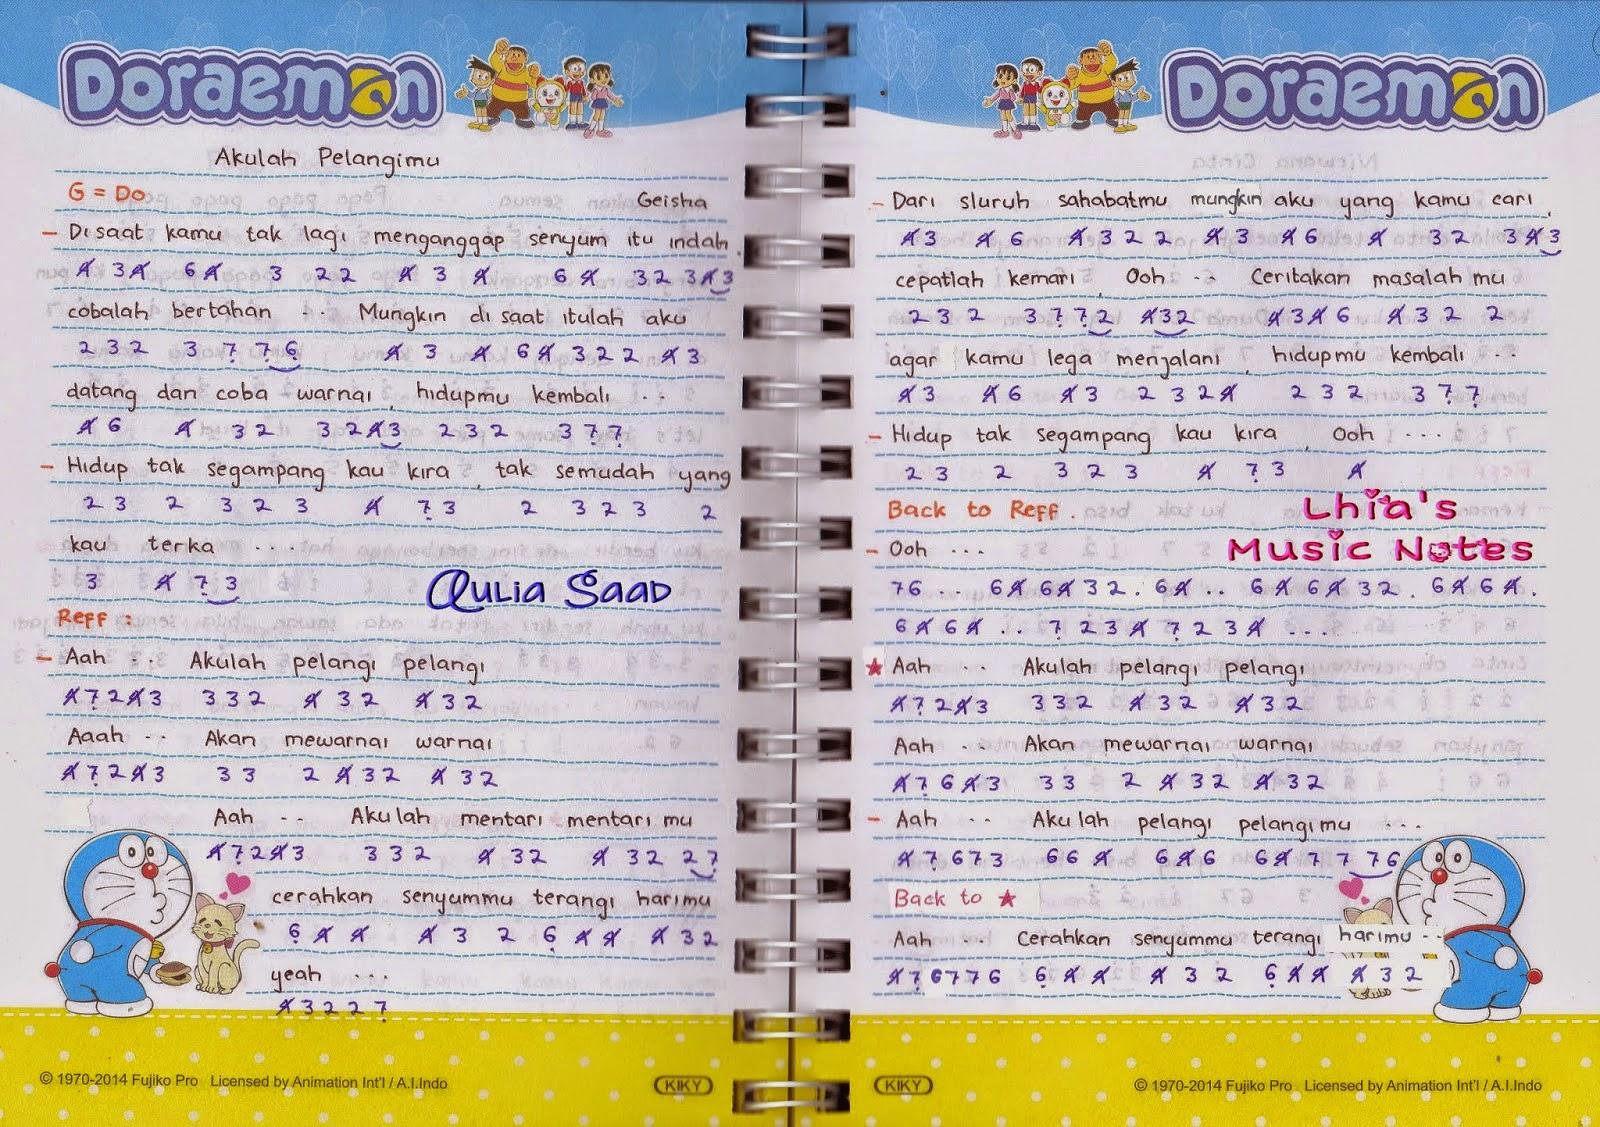 Chord Gitar Dan Lirik Lagu Indonesia Barat Korea Terbaru ...